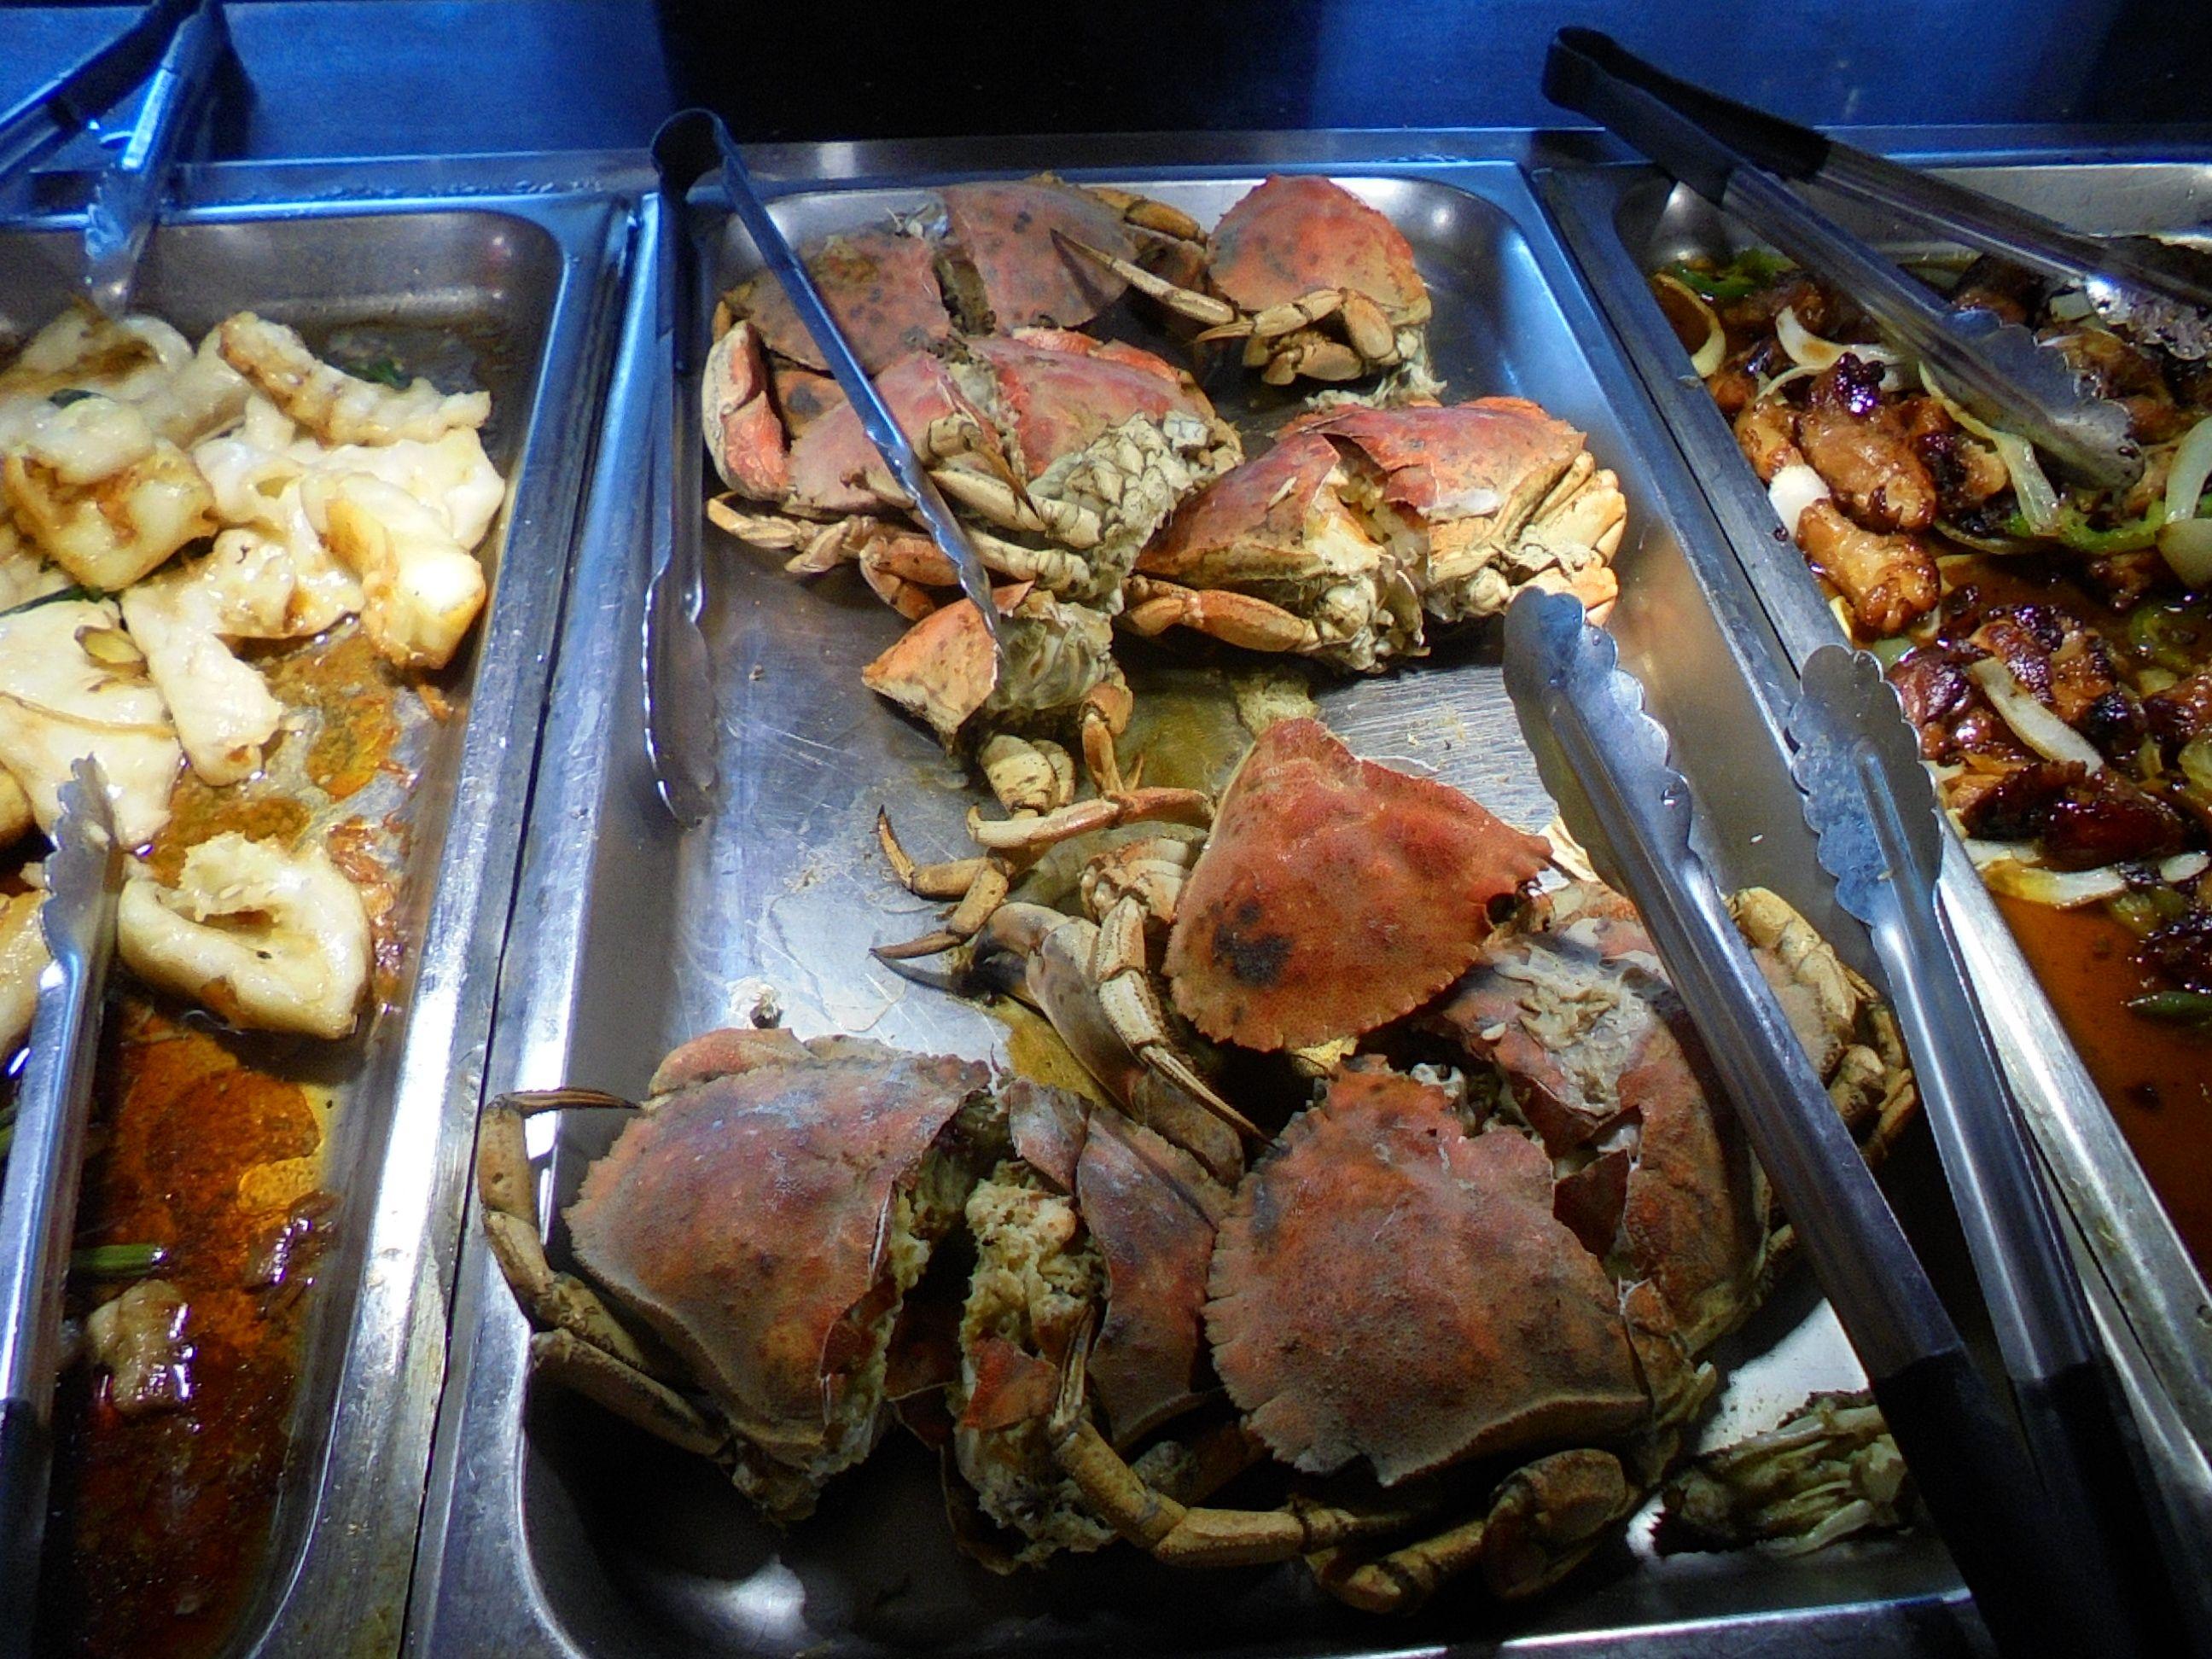 #CrabKing - www.drewrynewsnetwork.com/forum/reviews